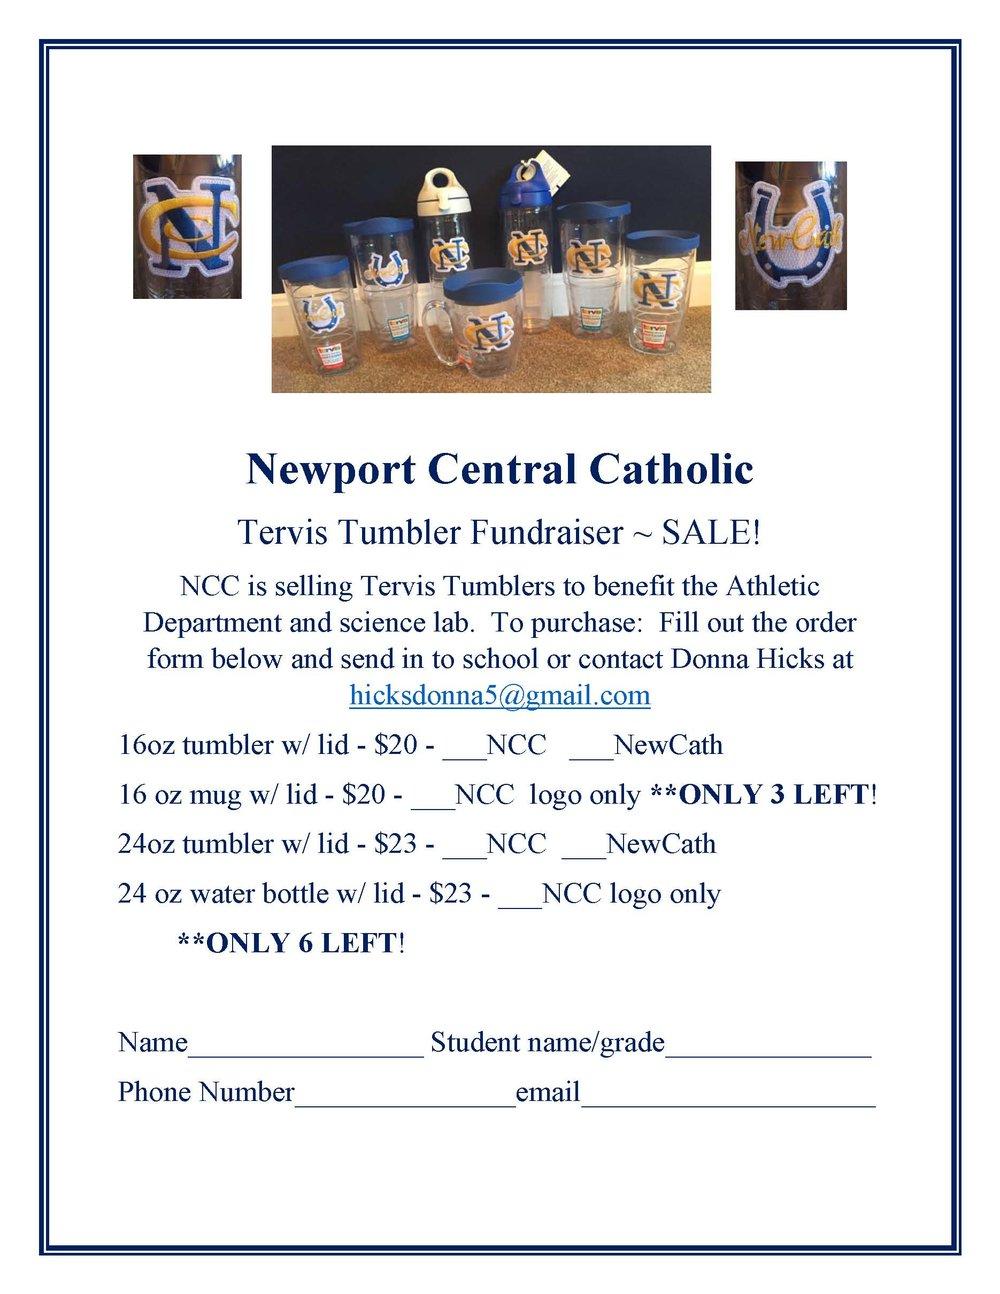 NCC Tervis order form.jpg